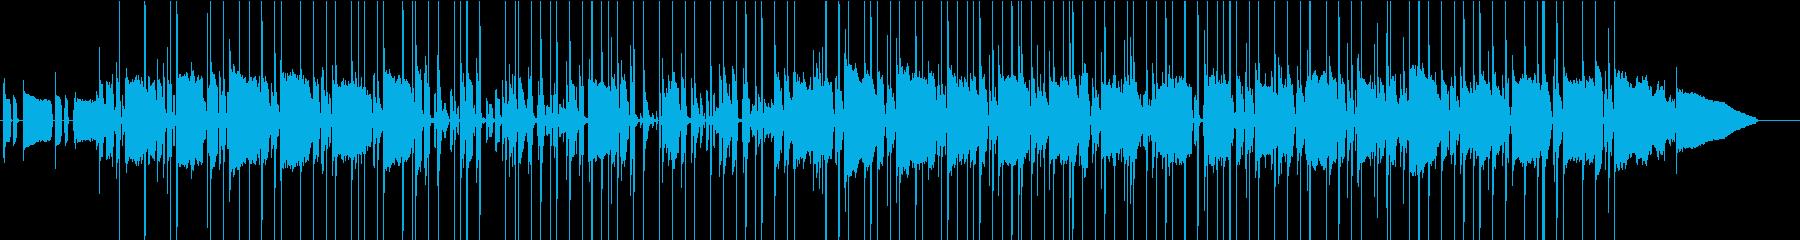 エレピと生ドラムが演出する夜の街並み_2の再生済みの波形